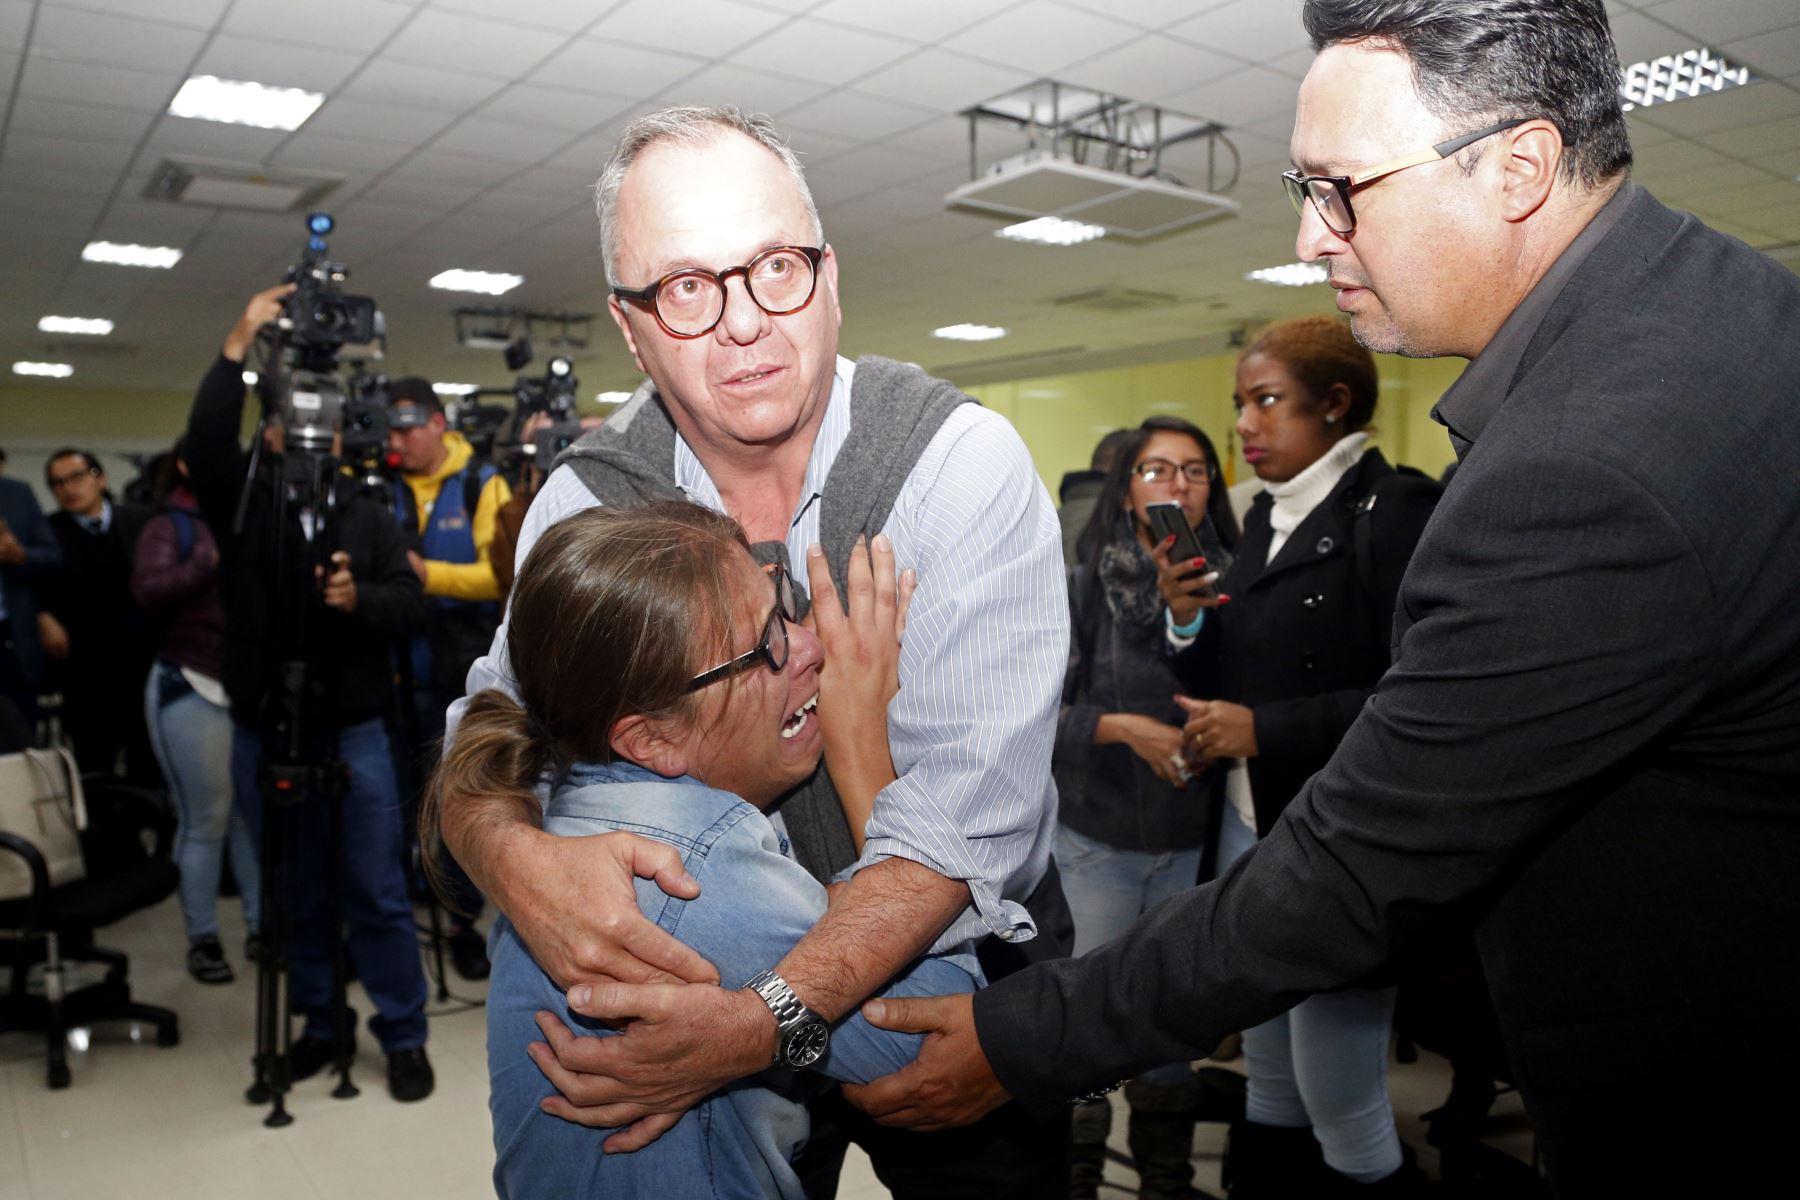 Parientes y amigos del periodista ecuatoriano Javier Ortega, el fotógrafo Paul Rivas y su conductor Efraín Segarra reaccionan durante una conferencia de prensa de las autoridades en Quito. Foto: AFP.